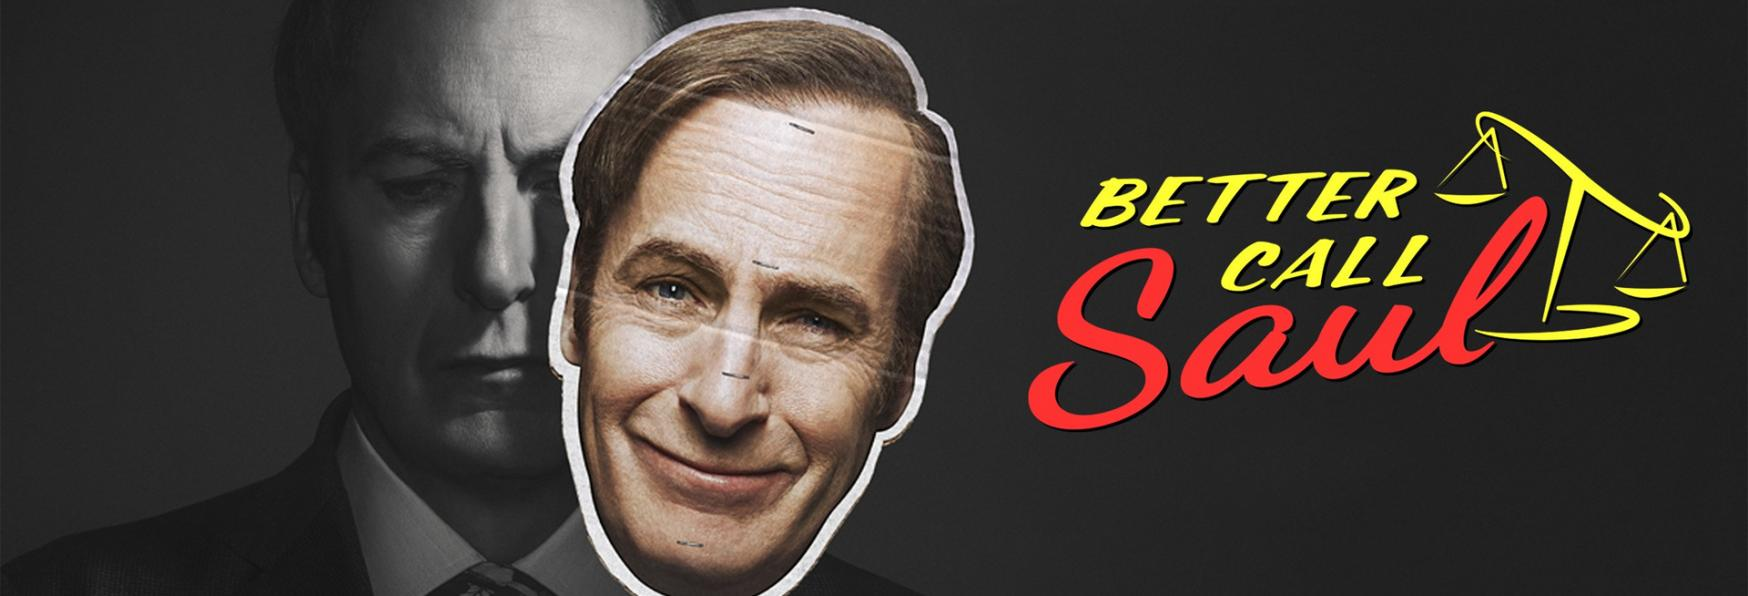 Better Call Saul 6: la Serie TV Spin-off viene Rinnovata per un'Ultima Stagione